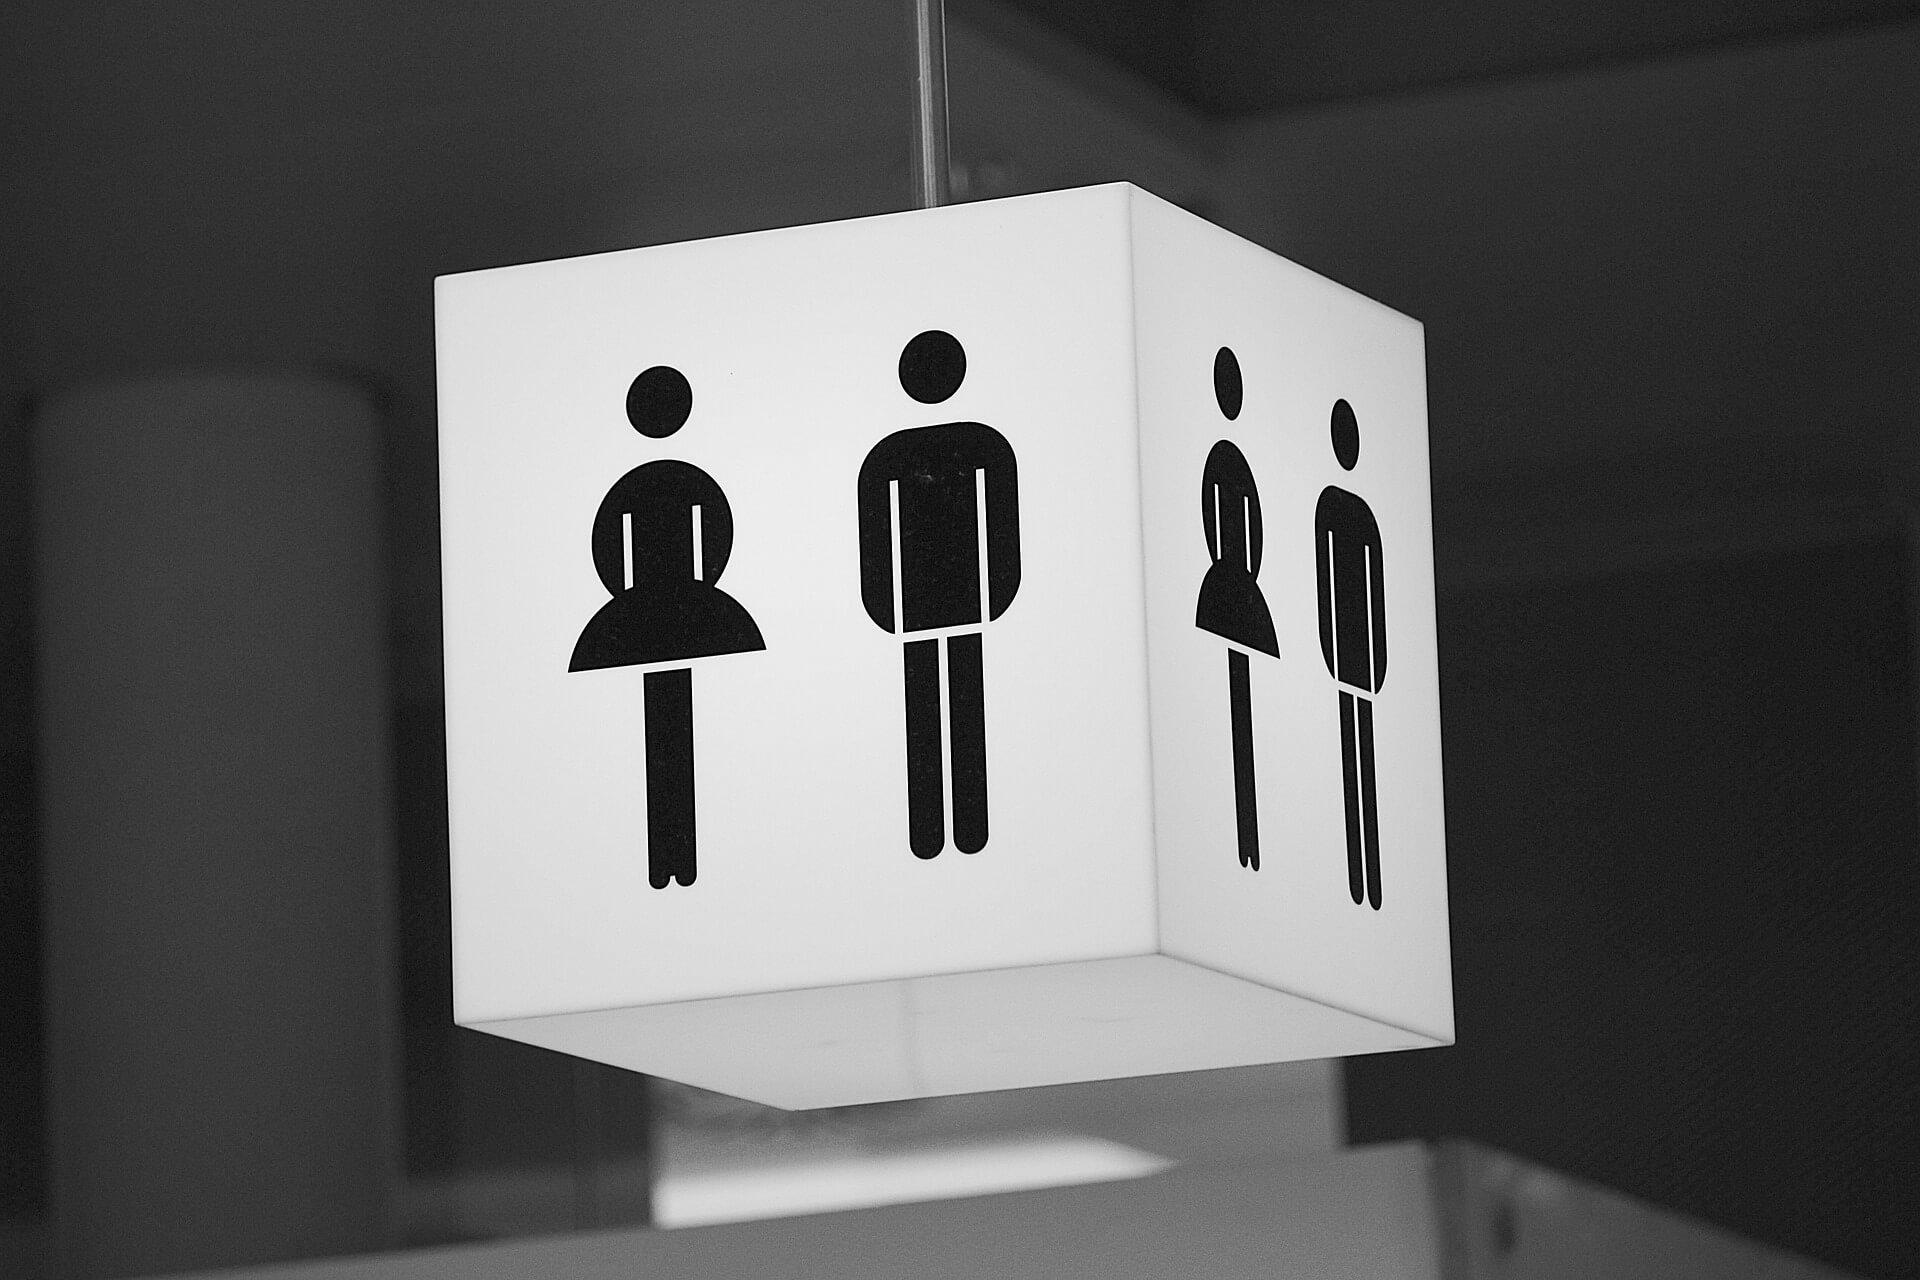 幼稚園入園までにトイトレが間に合わない!幼稚園のトイレはどうする?